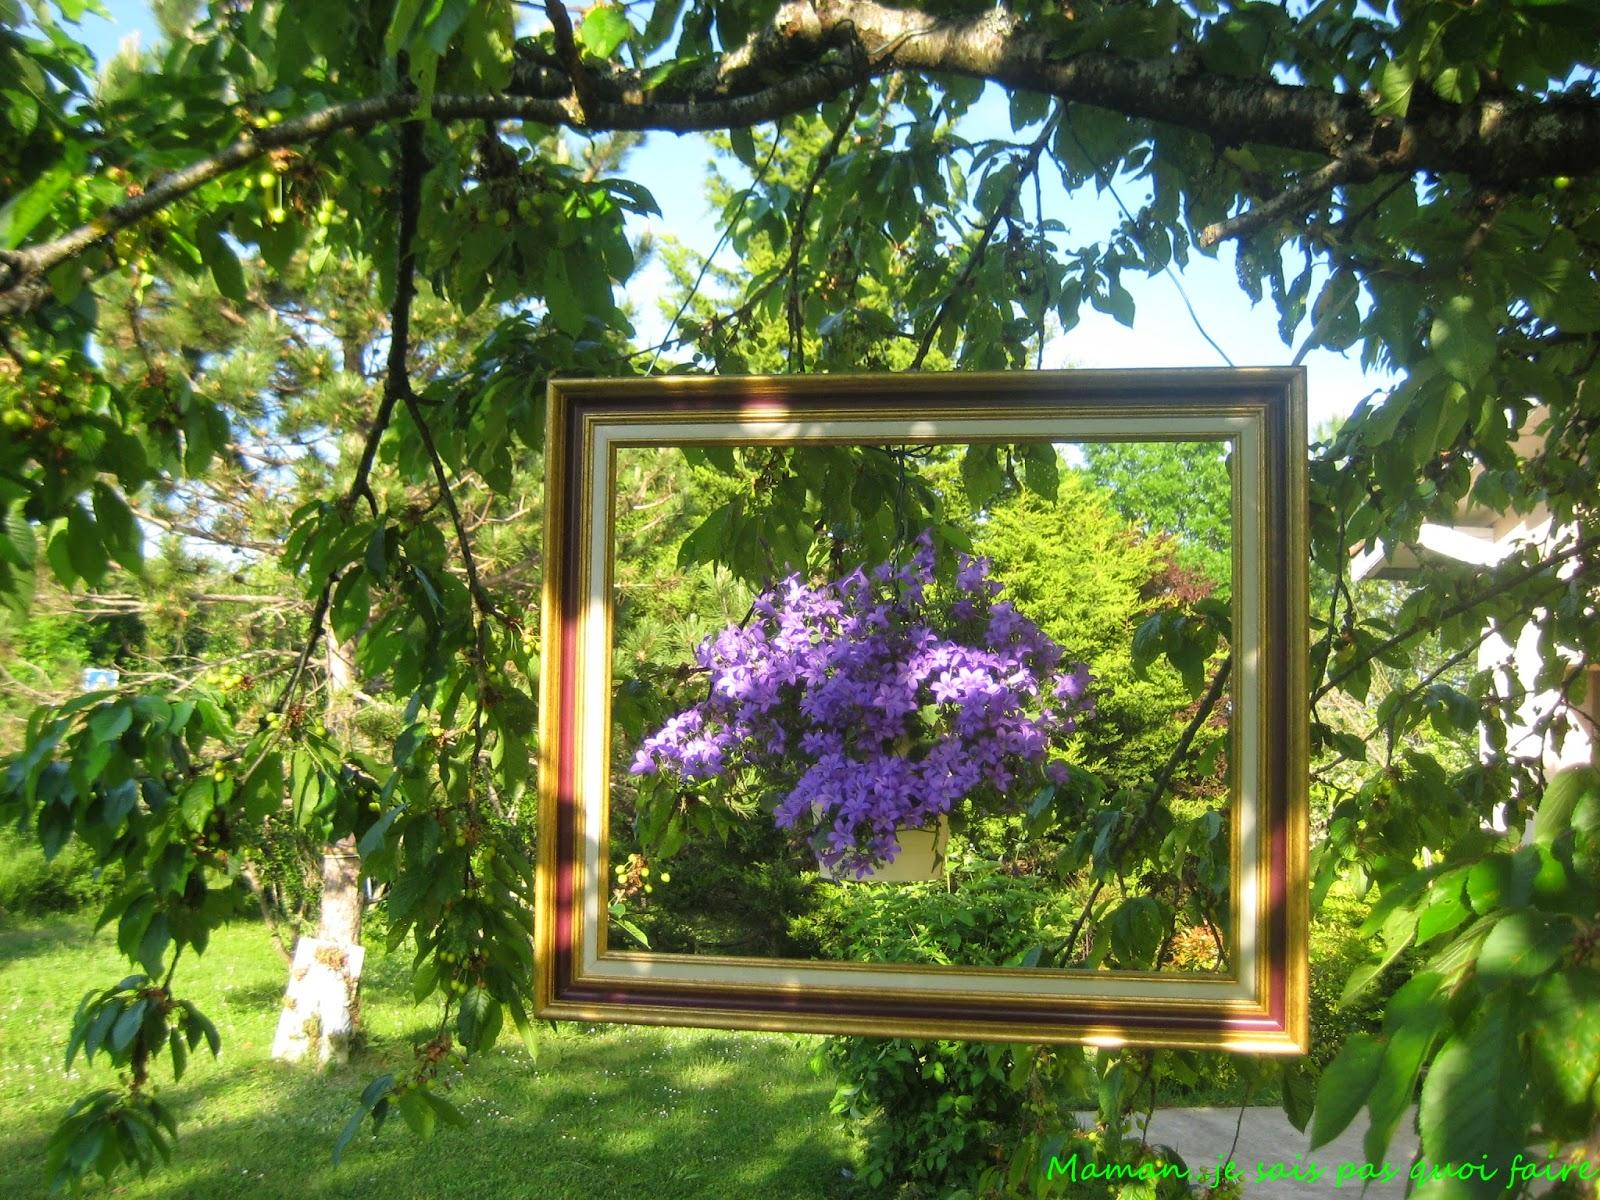 Maman je sais pas quoi faire un tableau dans mon jardin - Campe dans mon jardin ...